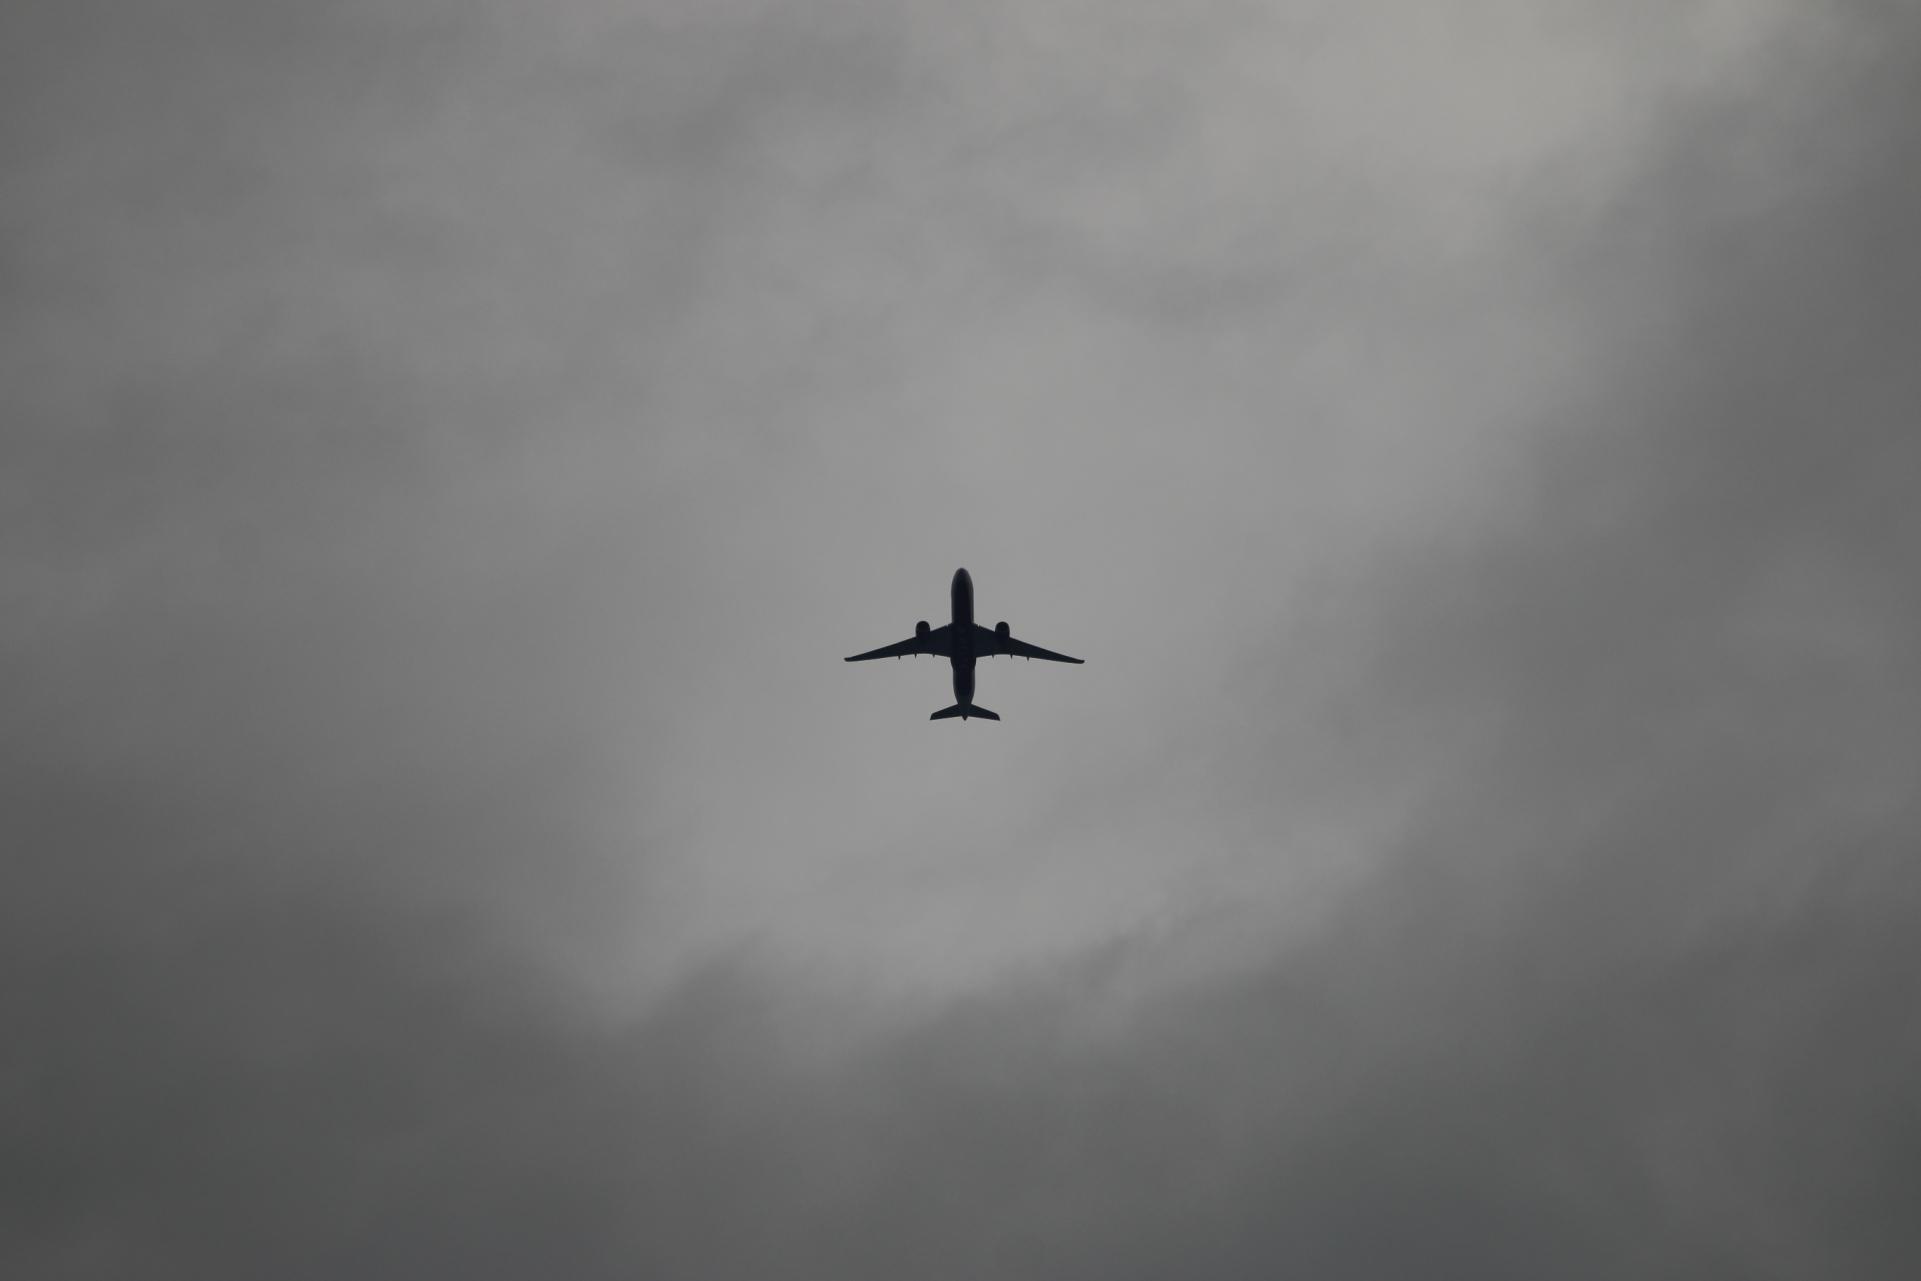 雲と飛行機